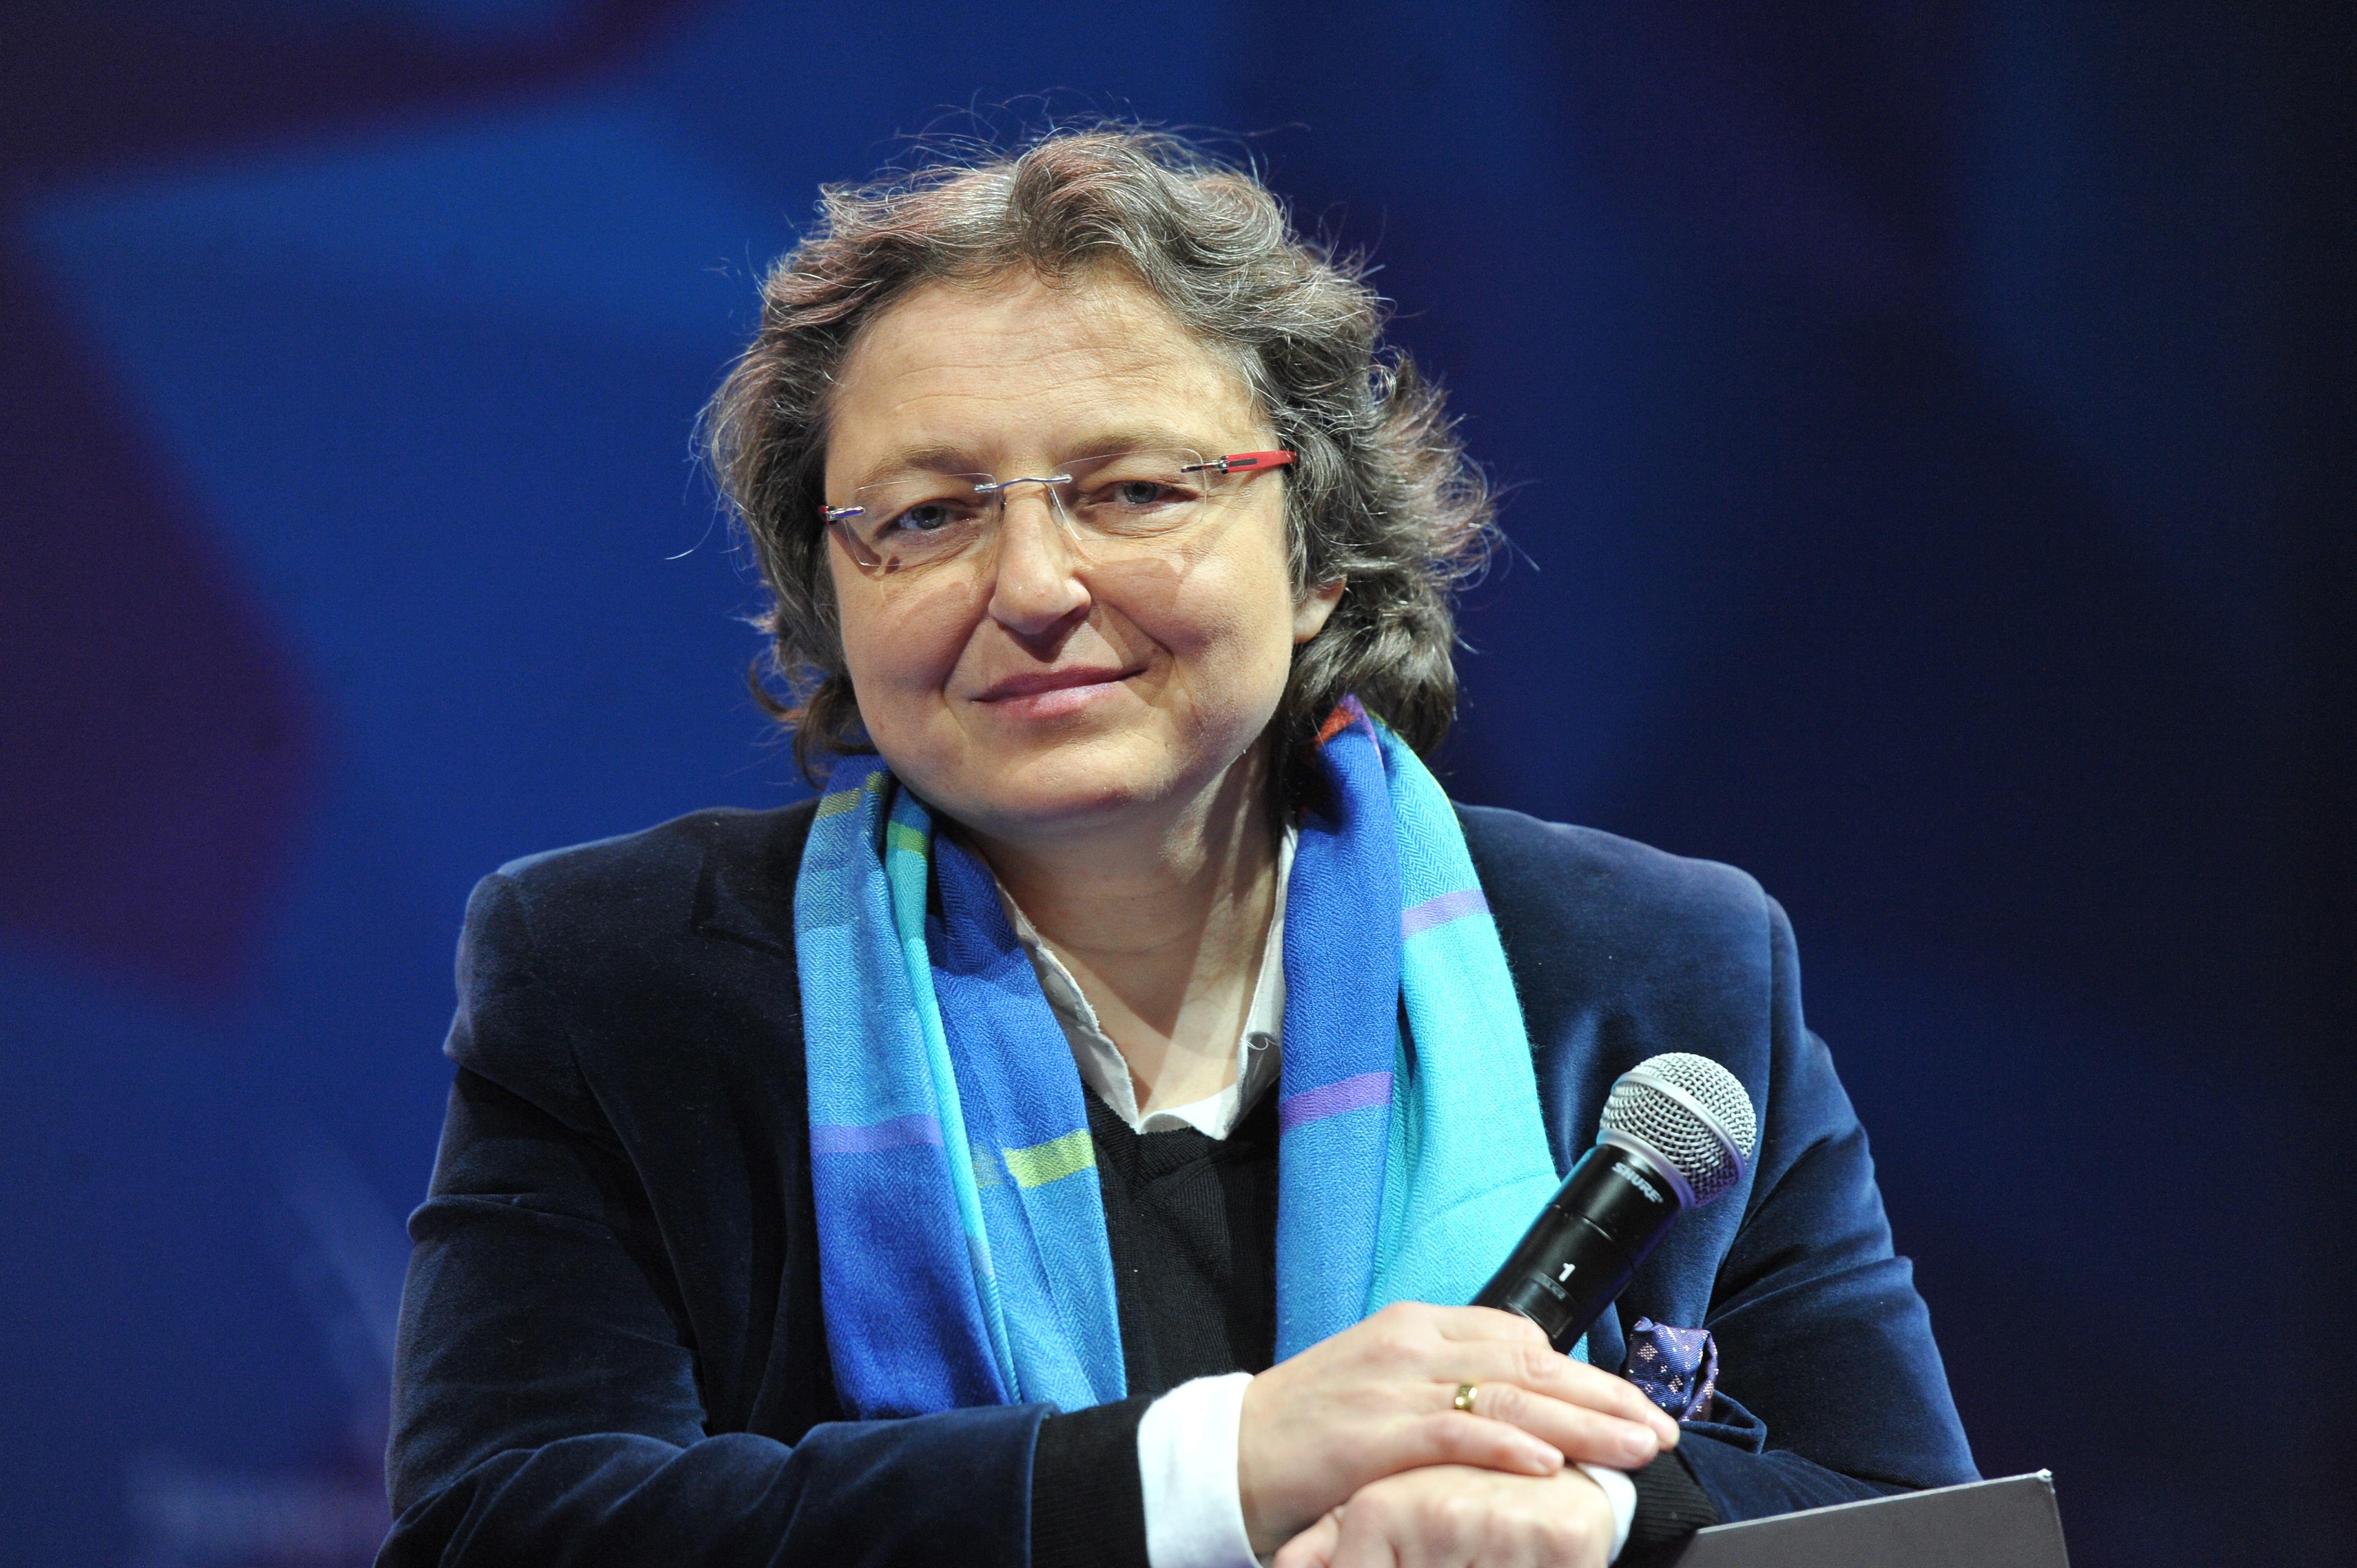 Małgorzata Bonikowska, prezes, ThinkTank i Centrum Stosunków Międzynarodowych (Fot. PTWP)